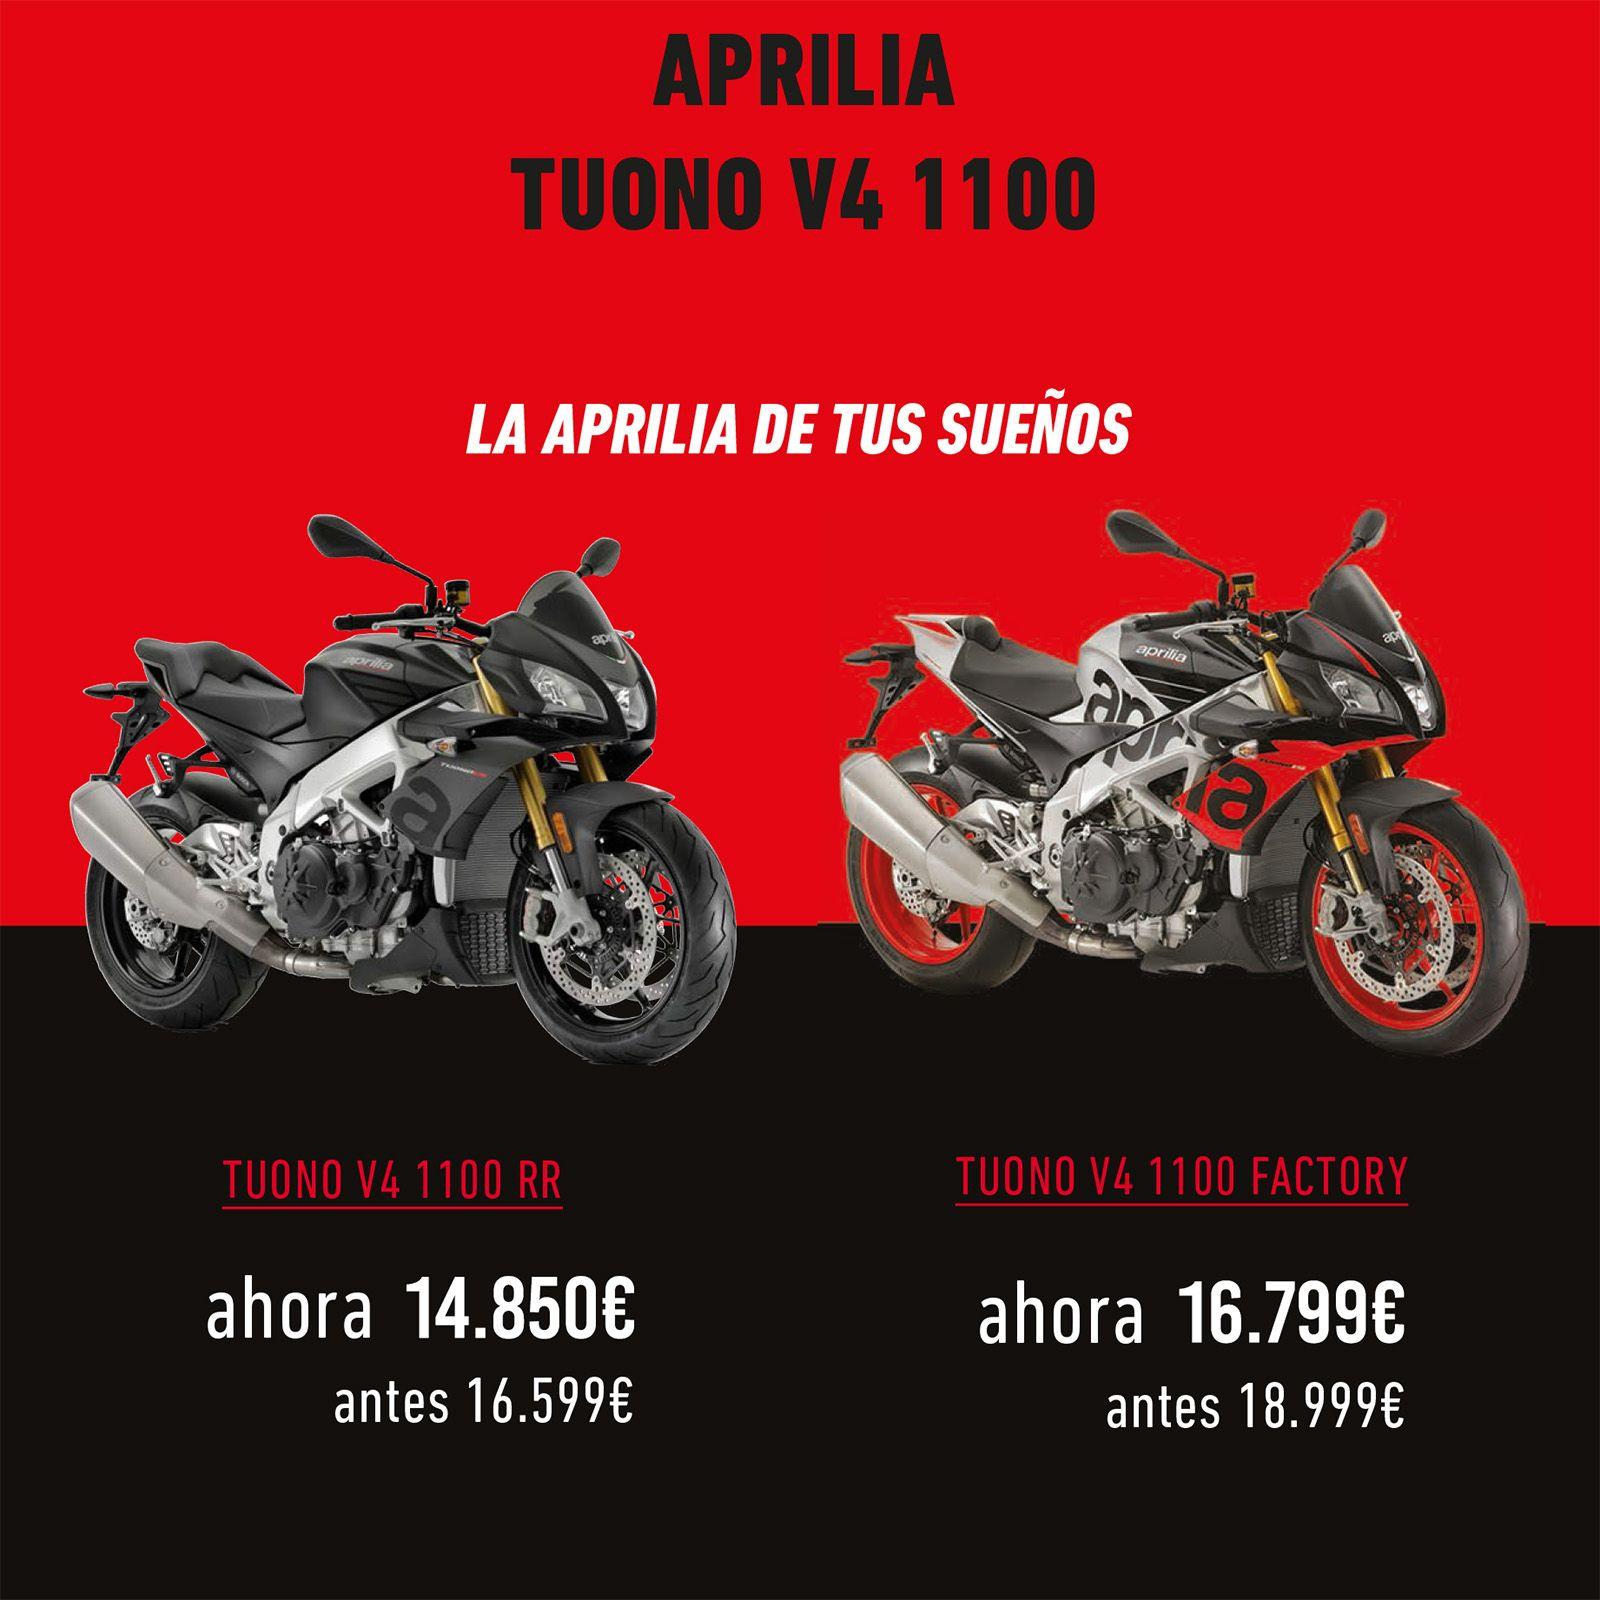 Ahora tienes una Aprilia Tuono V4 1100 desde 14.850€